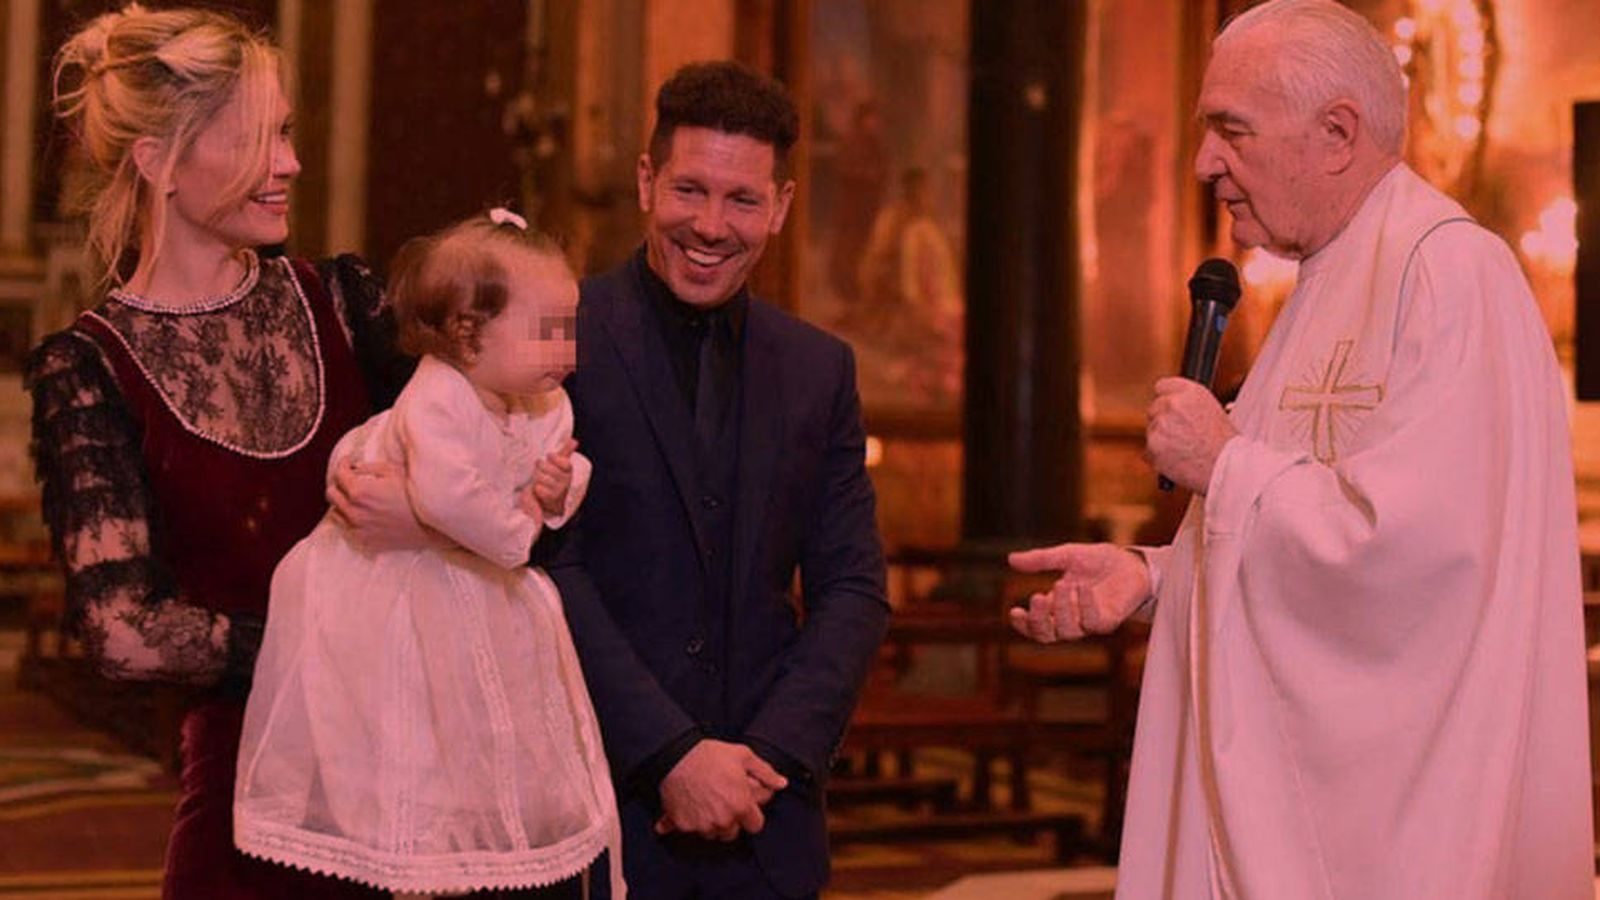 Foto: Simeone y Carla en el bautizo de su hija.